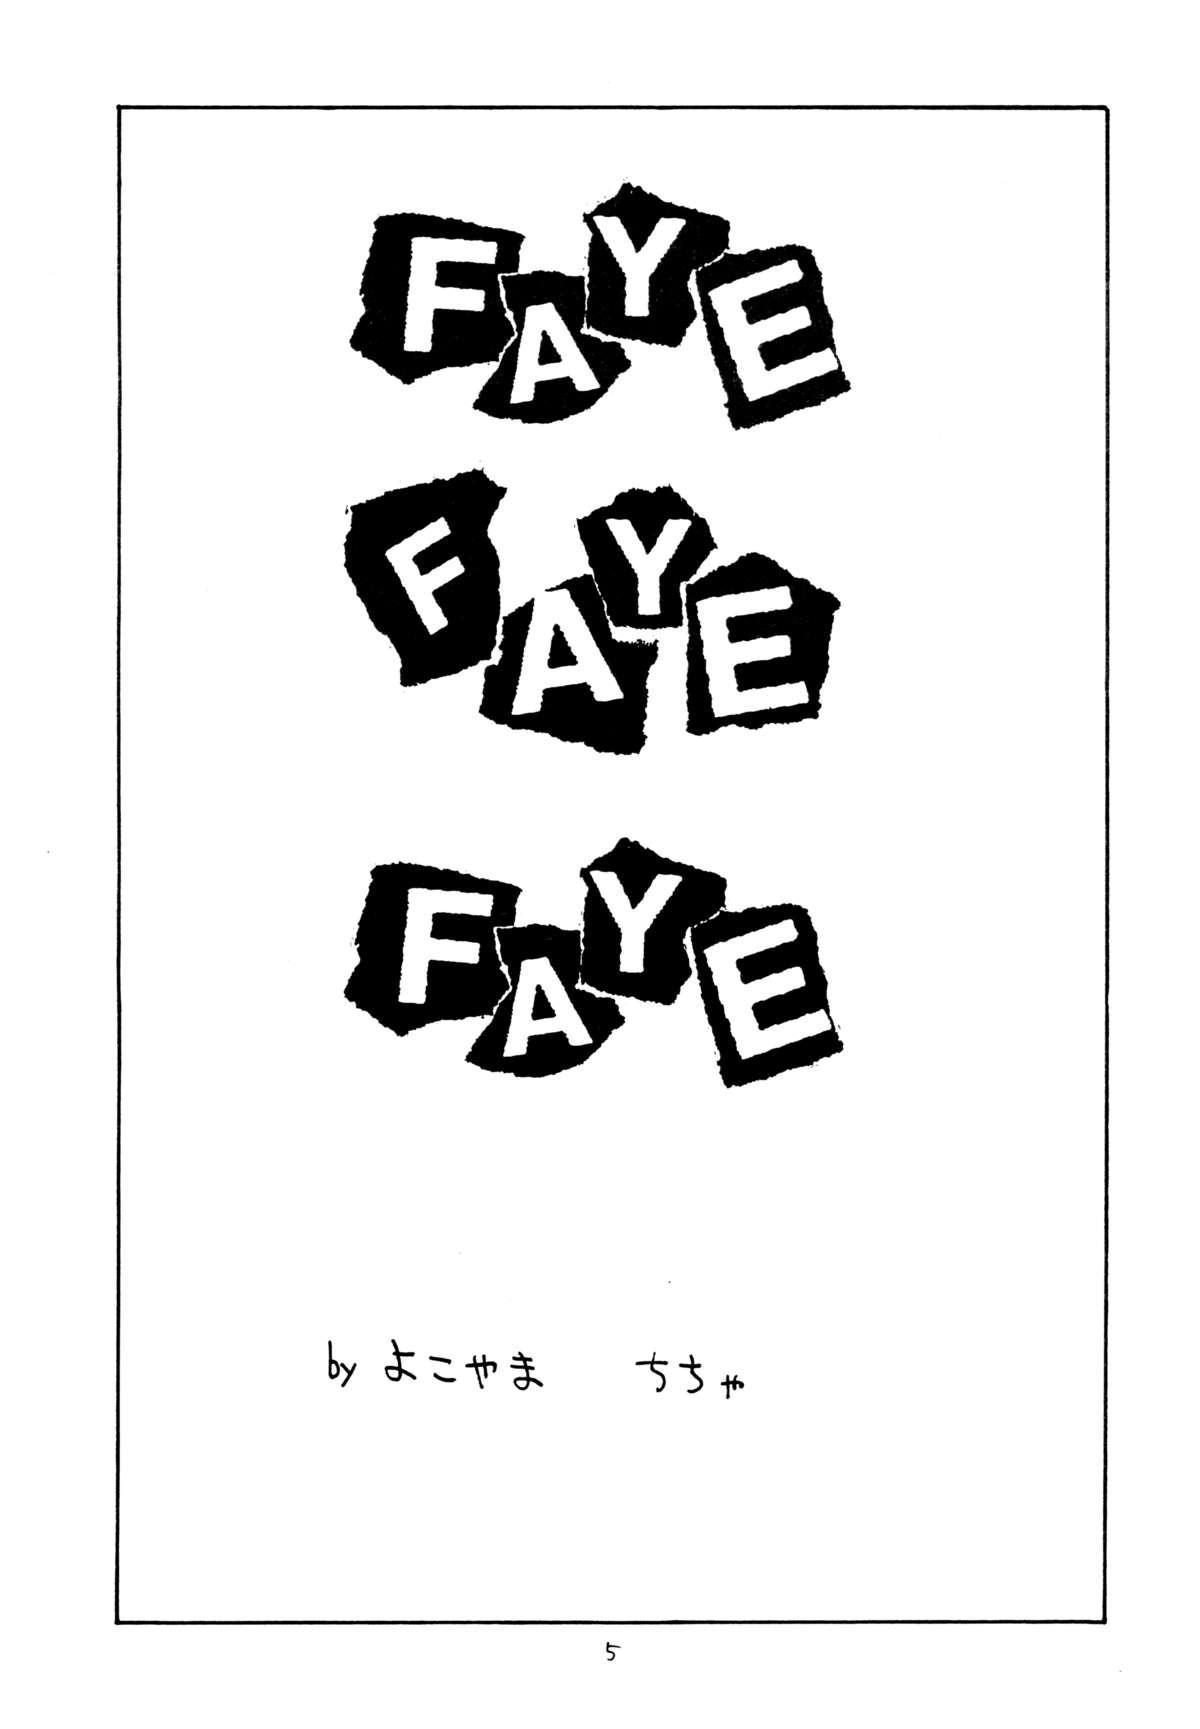 FAYE FAYE FAYE 3